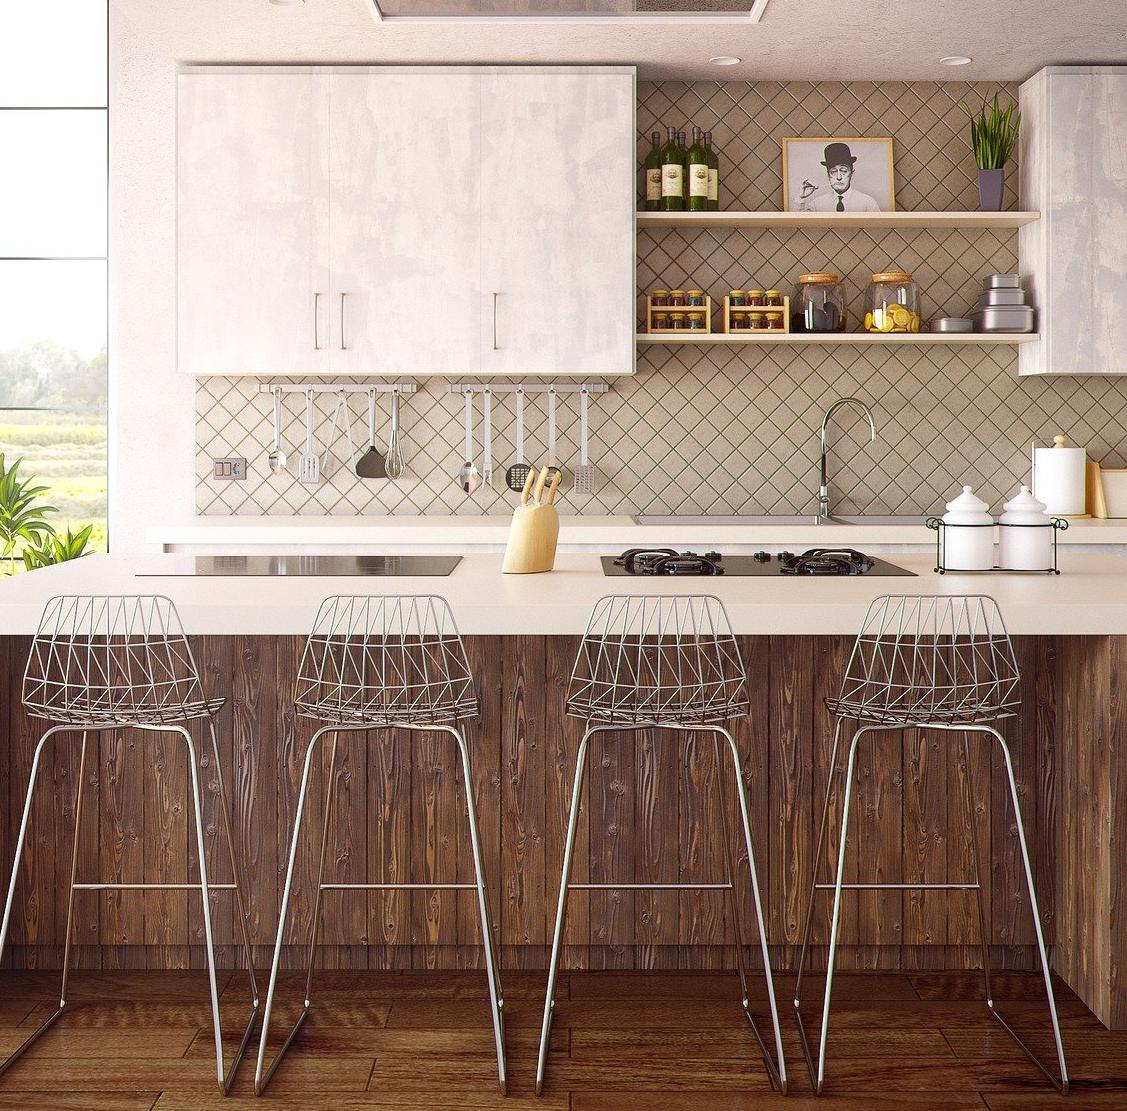 Rénovation de cuisine à Metz 57000 : Les tarifs